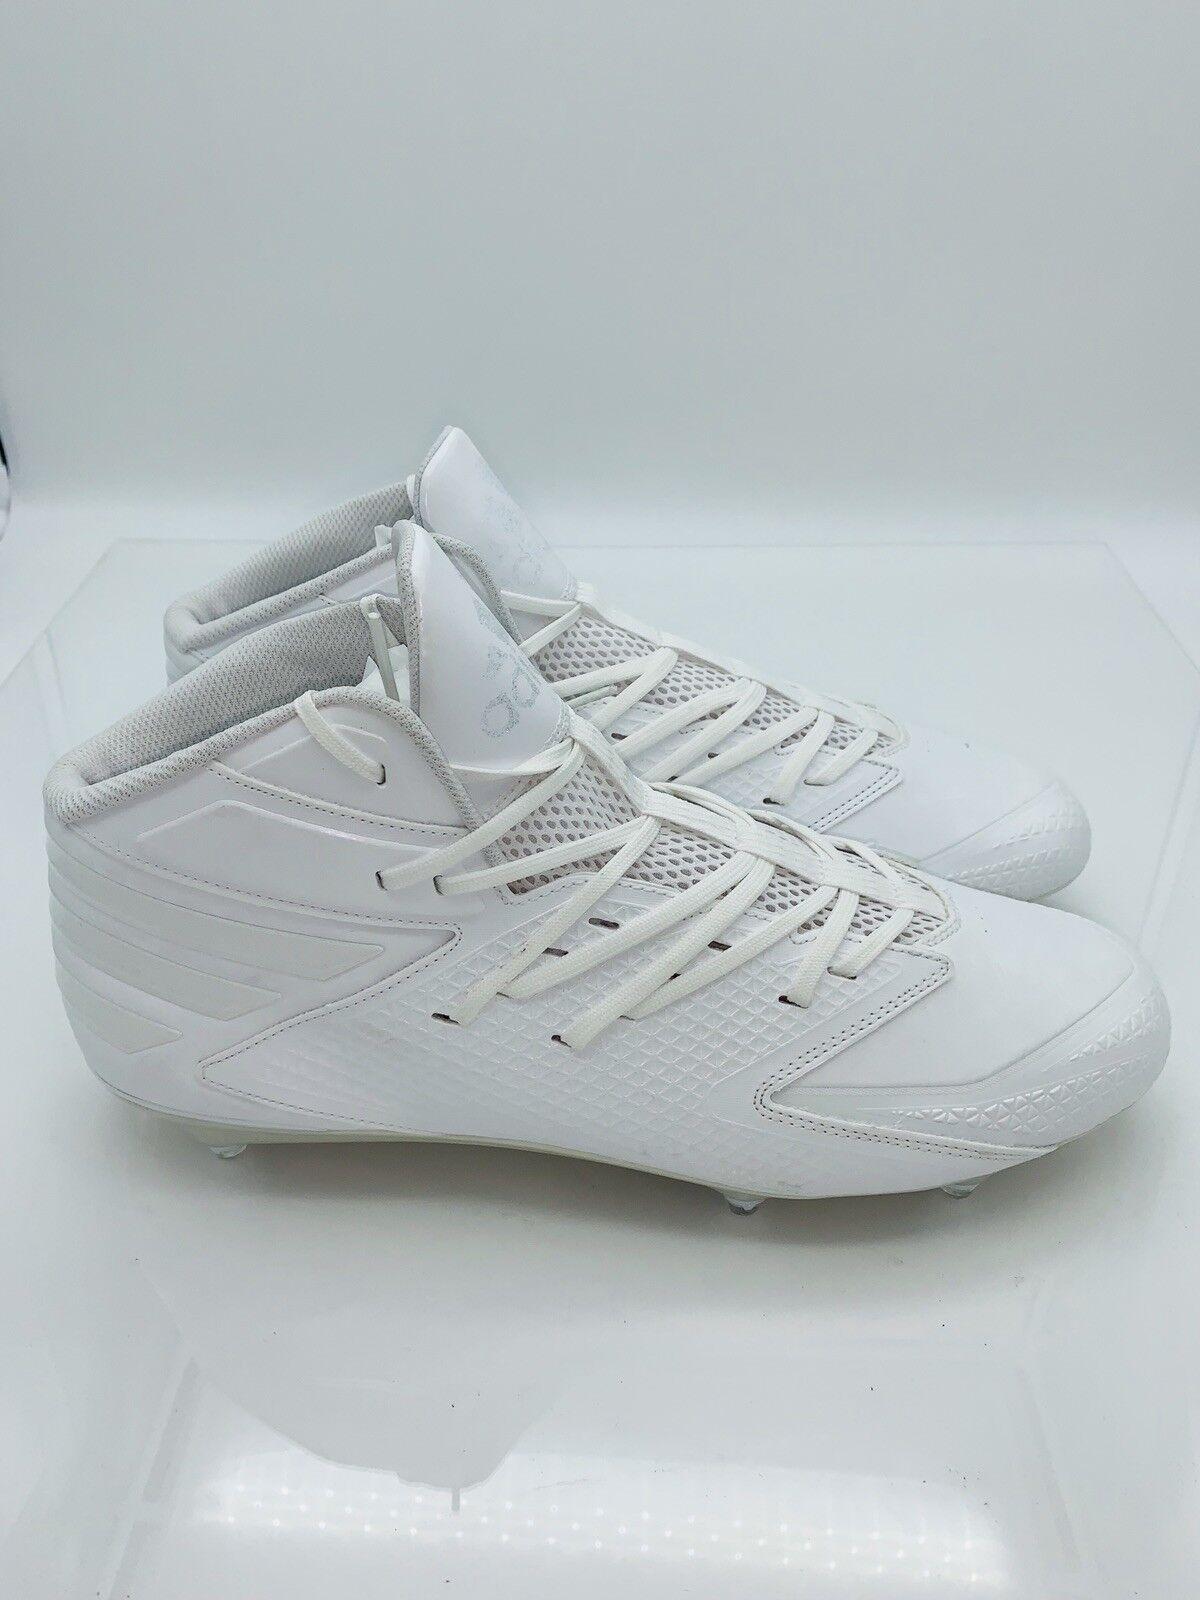 db601e983 Adidas Men s Freak X Carbon D Iron Skin Football Cleats White 13US White  Mid nunocq4045-Men